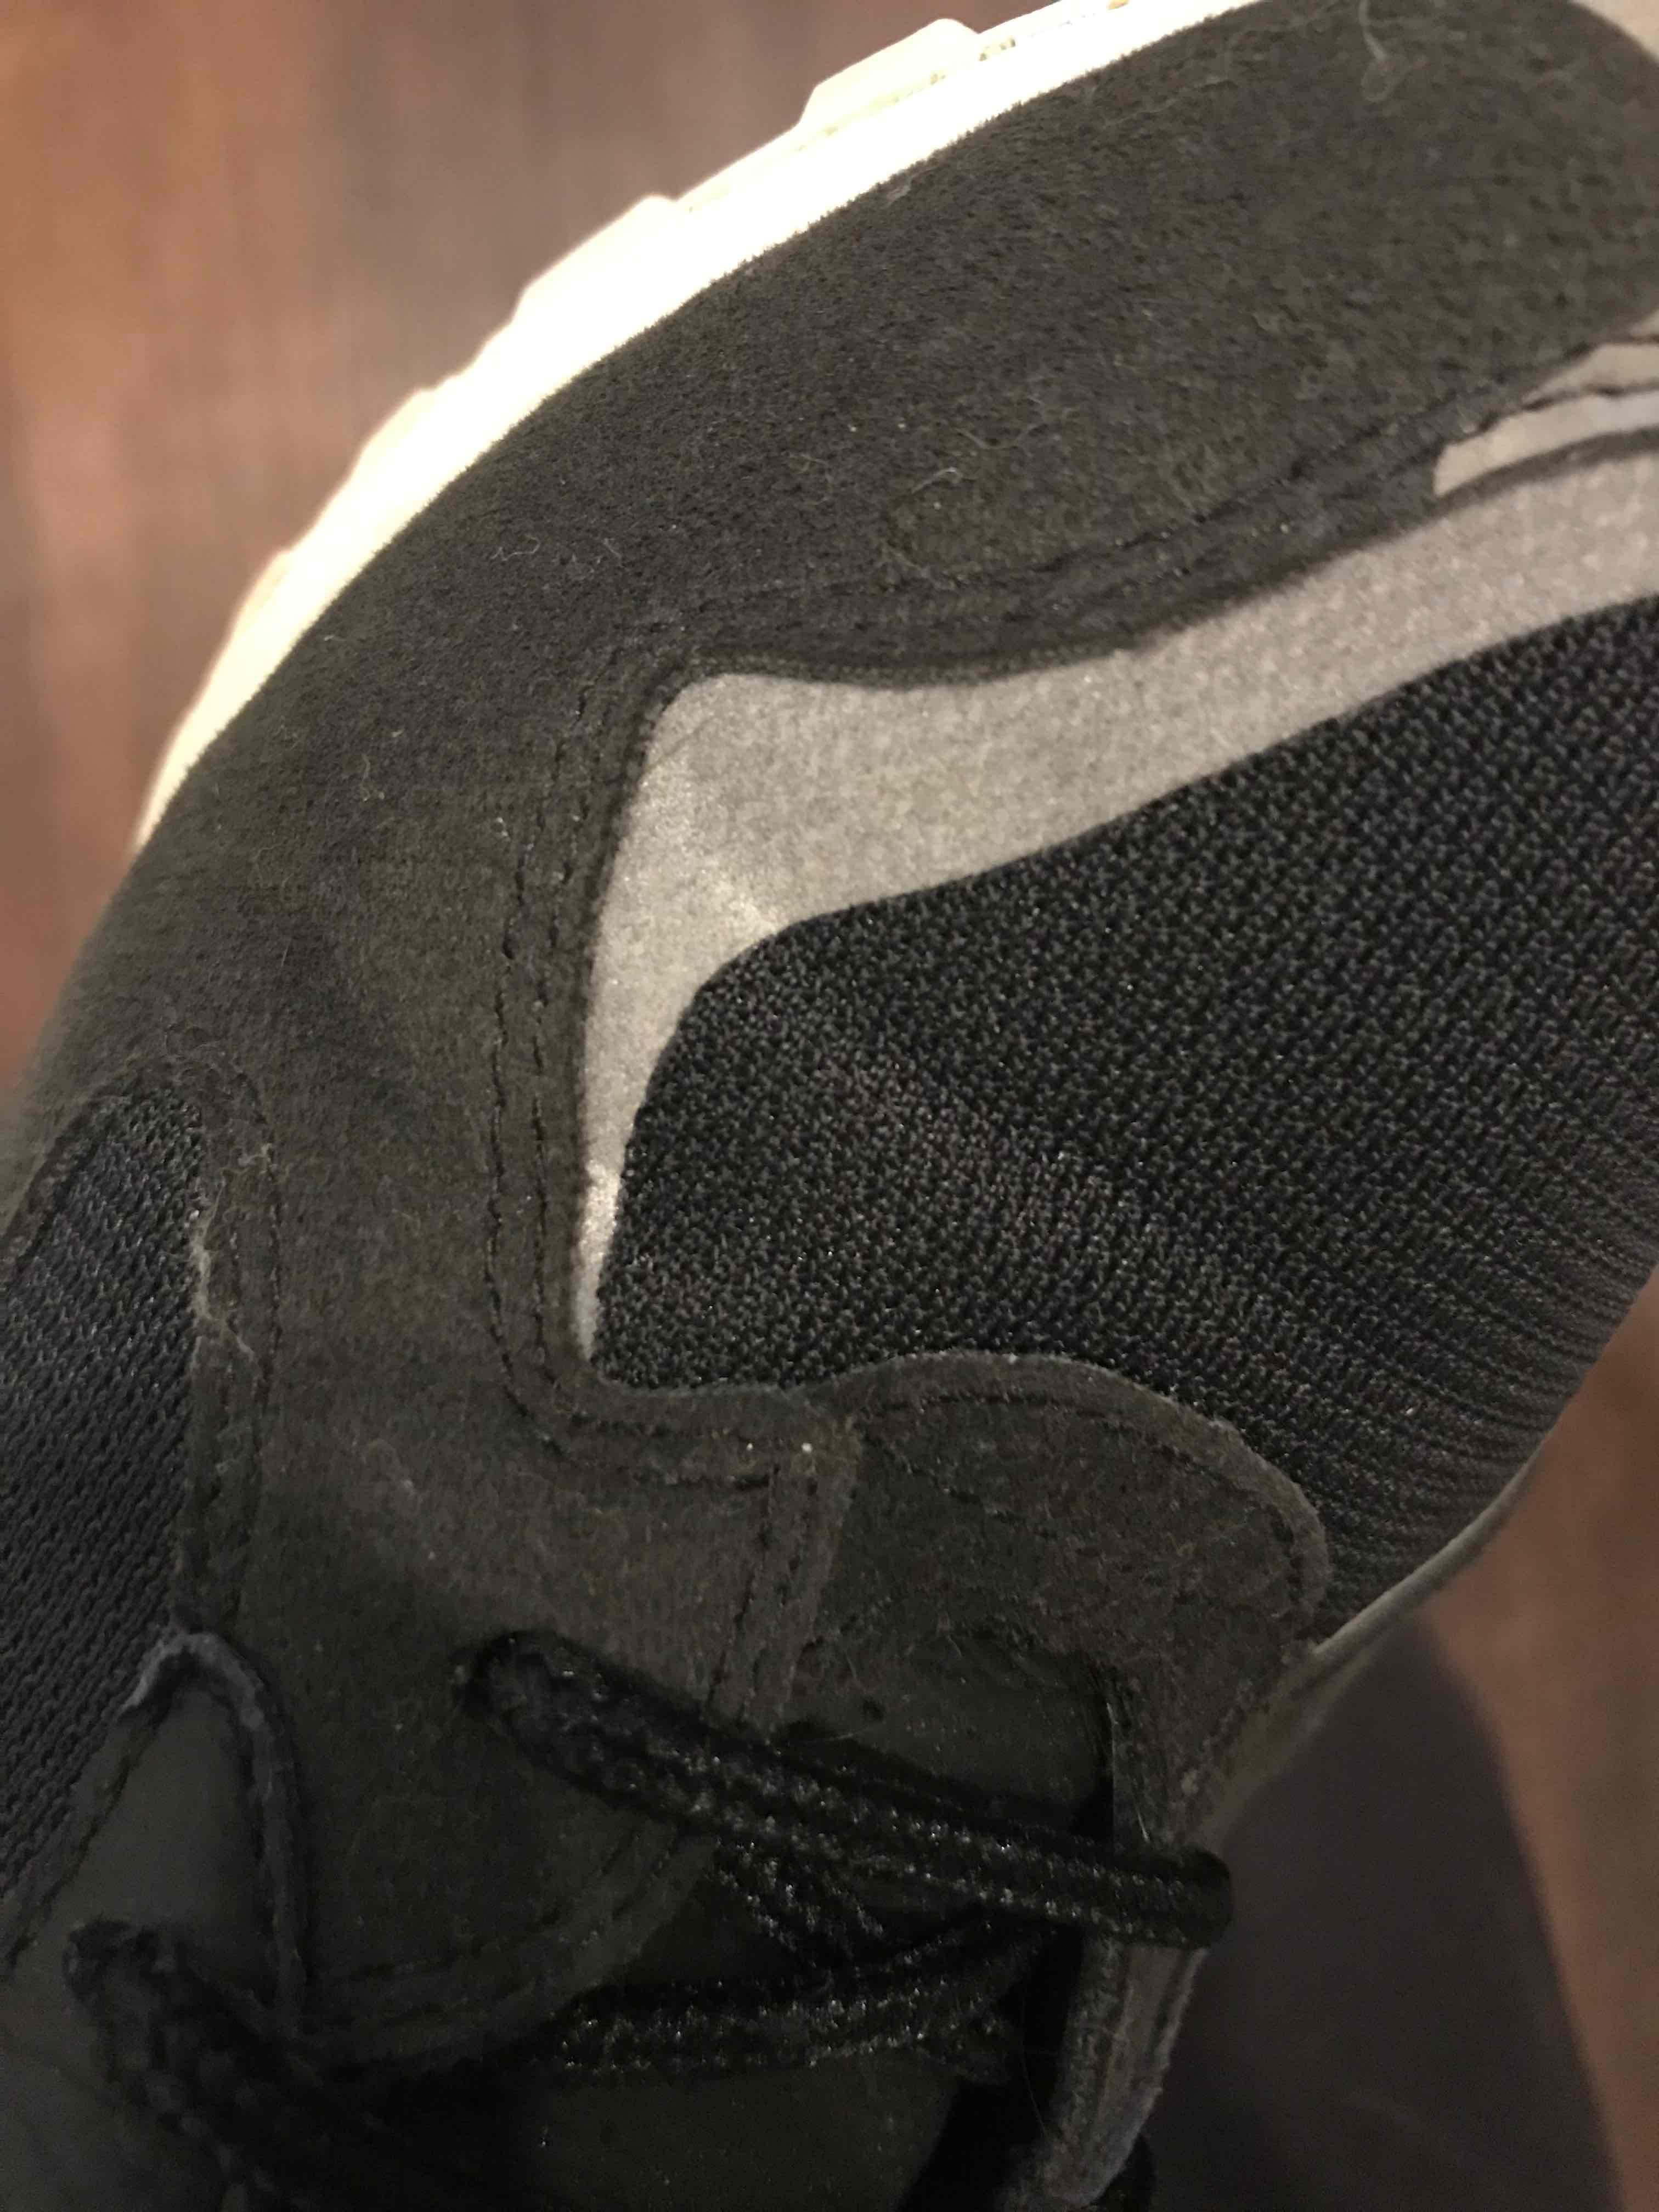 履きジワから、反射素材が白くなってる!  そんなもんなんですかねー???